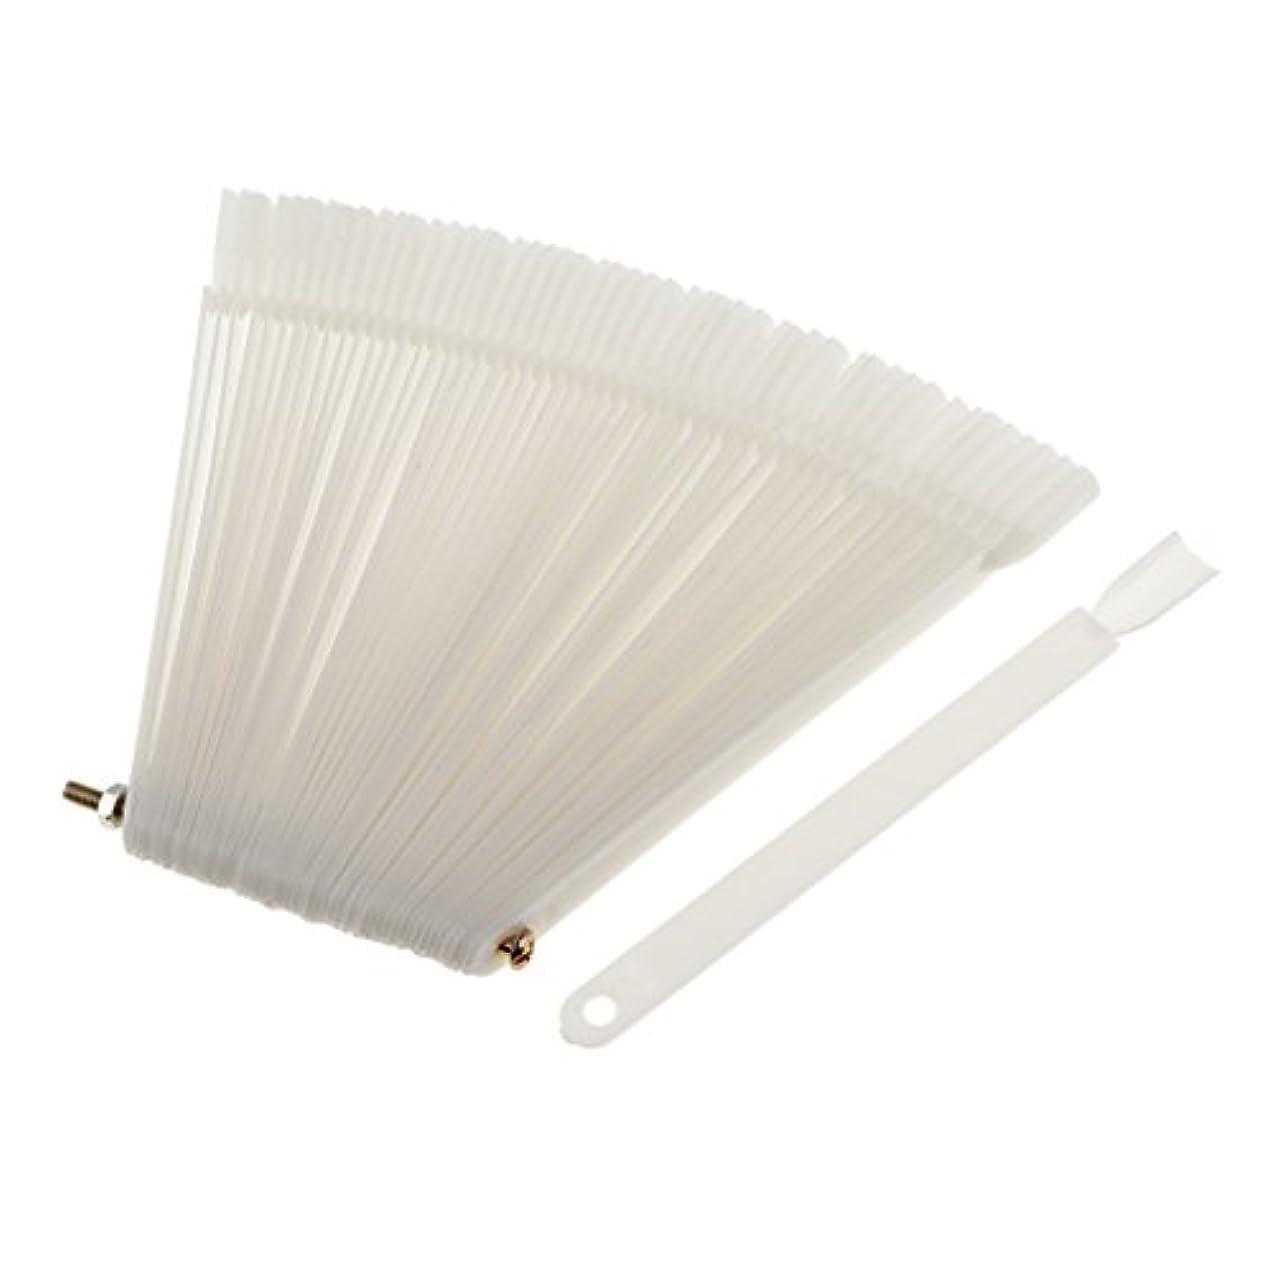 アドバンテージ隙間リスト約50ピース ネイルヒント 磨きネイルアートチップ ポップカラースティック ディスプレイ ファンキット 3色選べ - 白